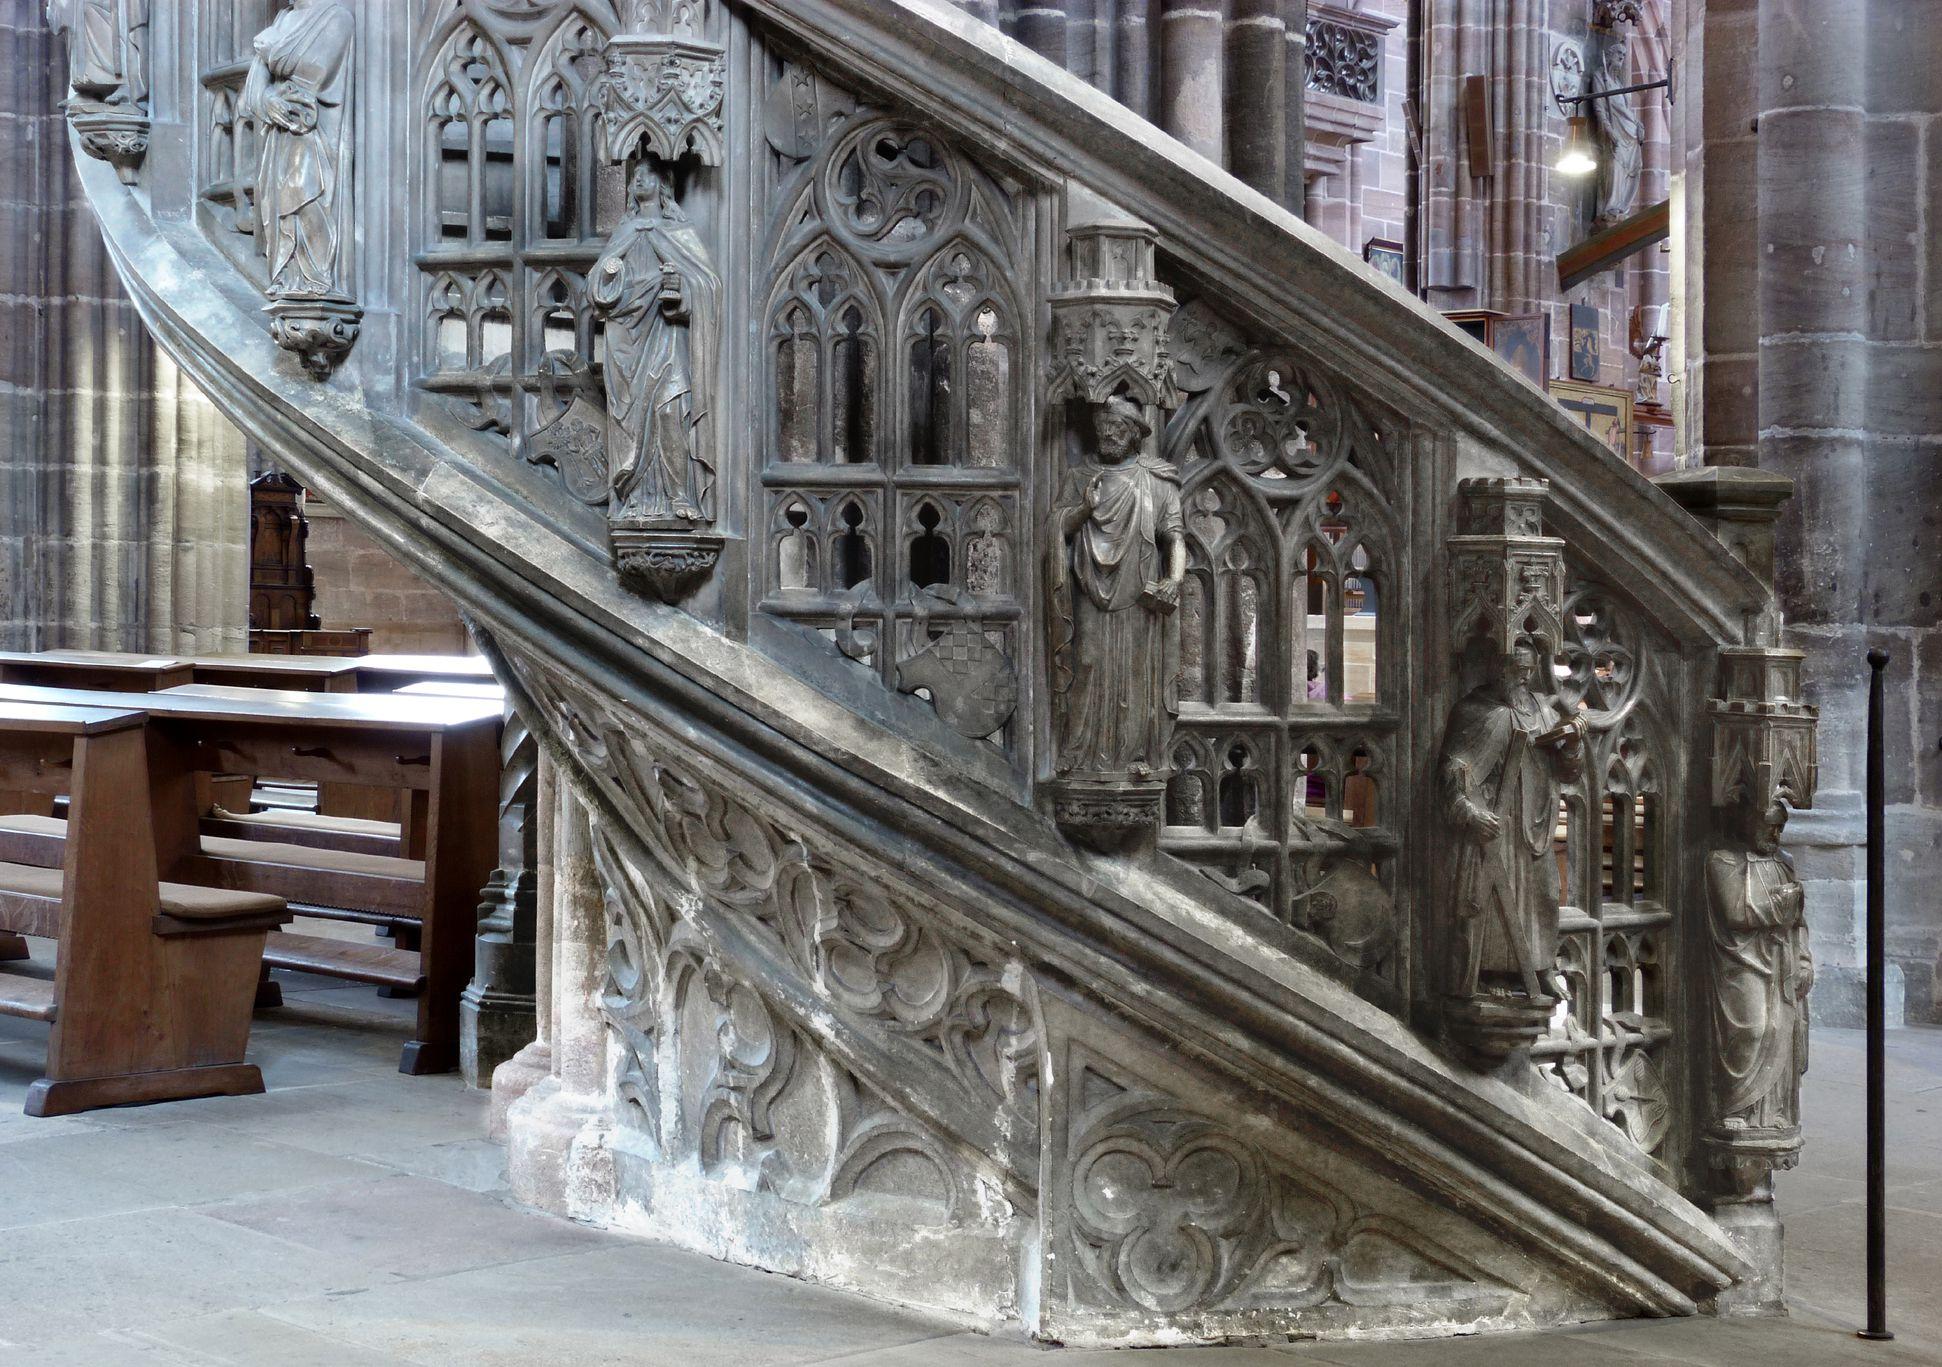 Kanzel Treppenaufgang mit Apostelreihe und durchbrochenen Maßwerk, Detail